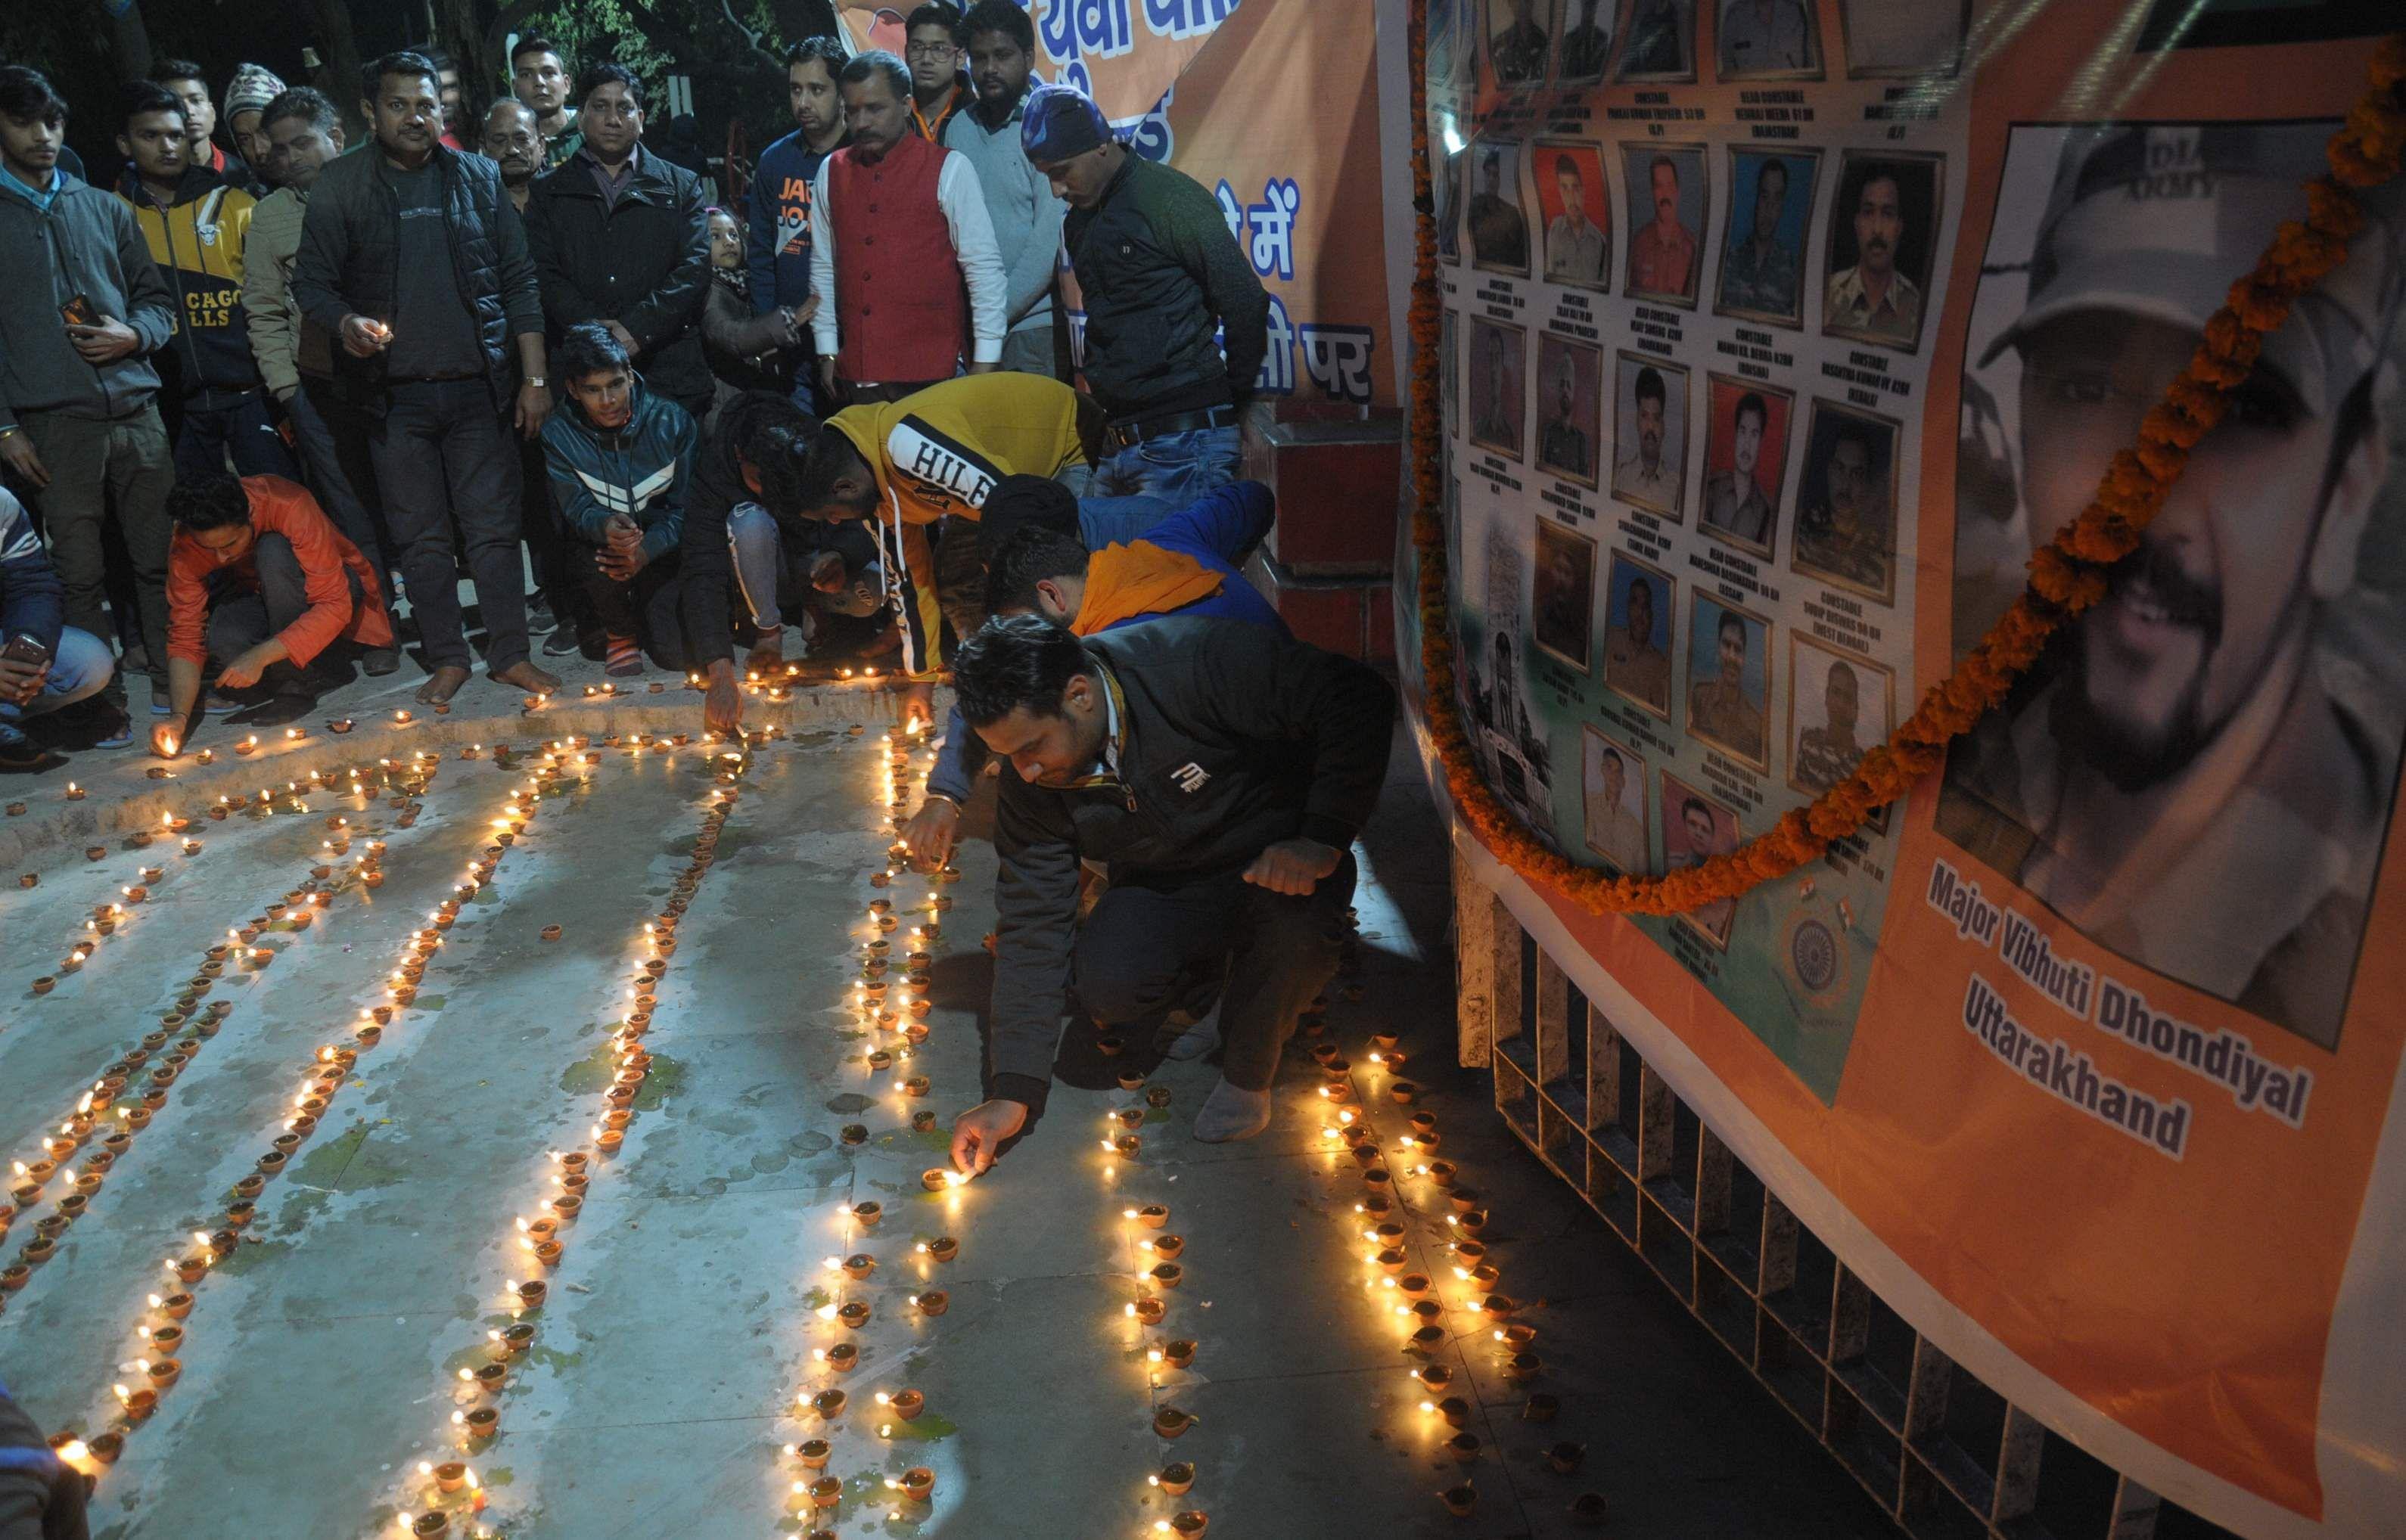 पुलवामा आंतकी हमले में शहीद सैनिकों को गांधी पार्क में 1100 दीप जलाकर श्रद्वांजंलि देते हिंदु वाहि?